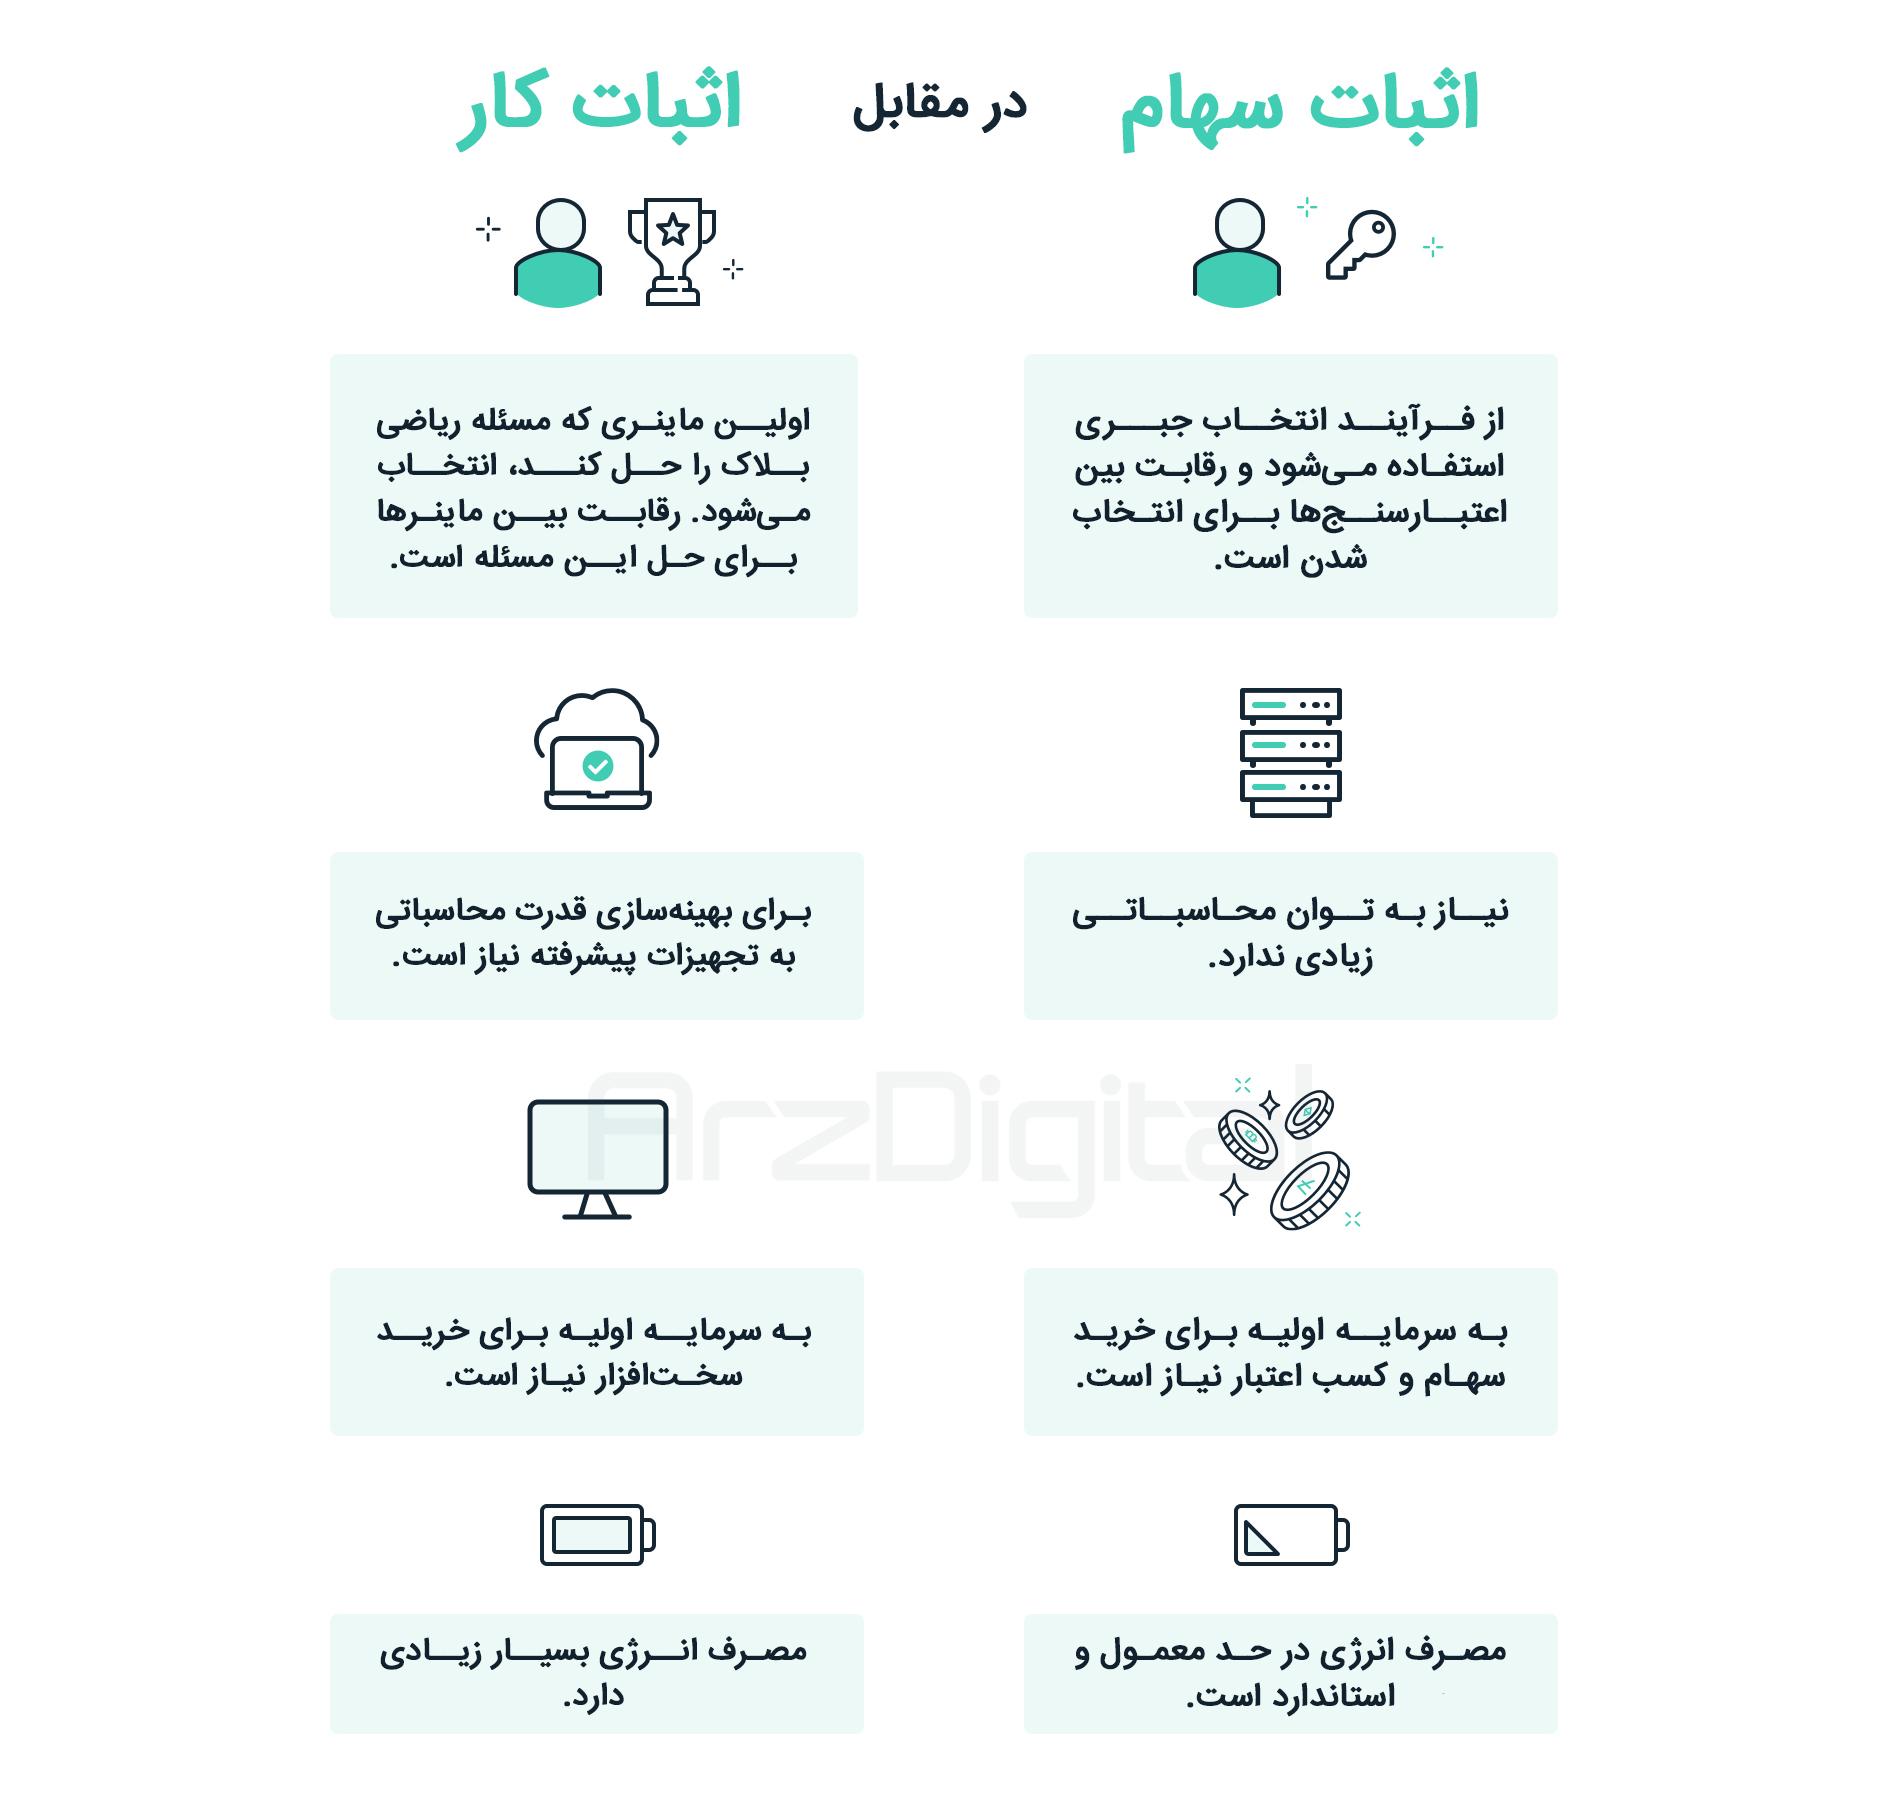 استیکینگ یا سهامگذاری؛ آموزش کامل + معرفی ارز دیجیتال